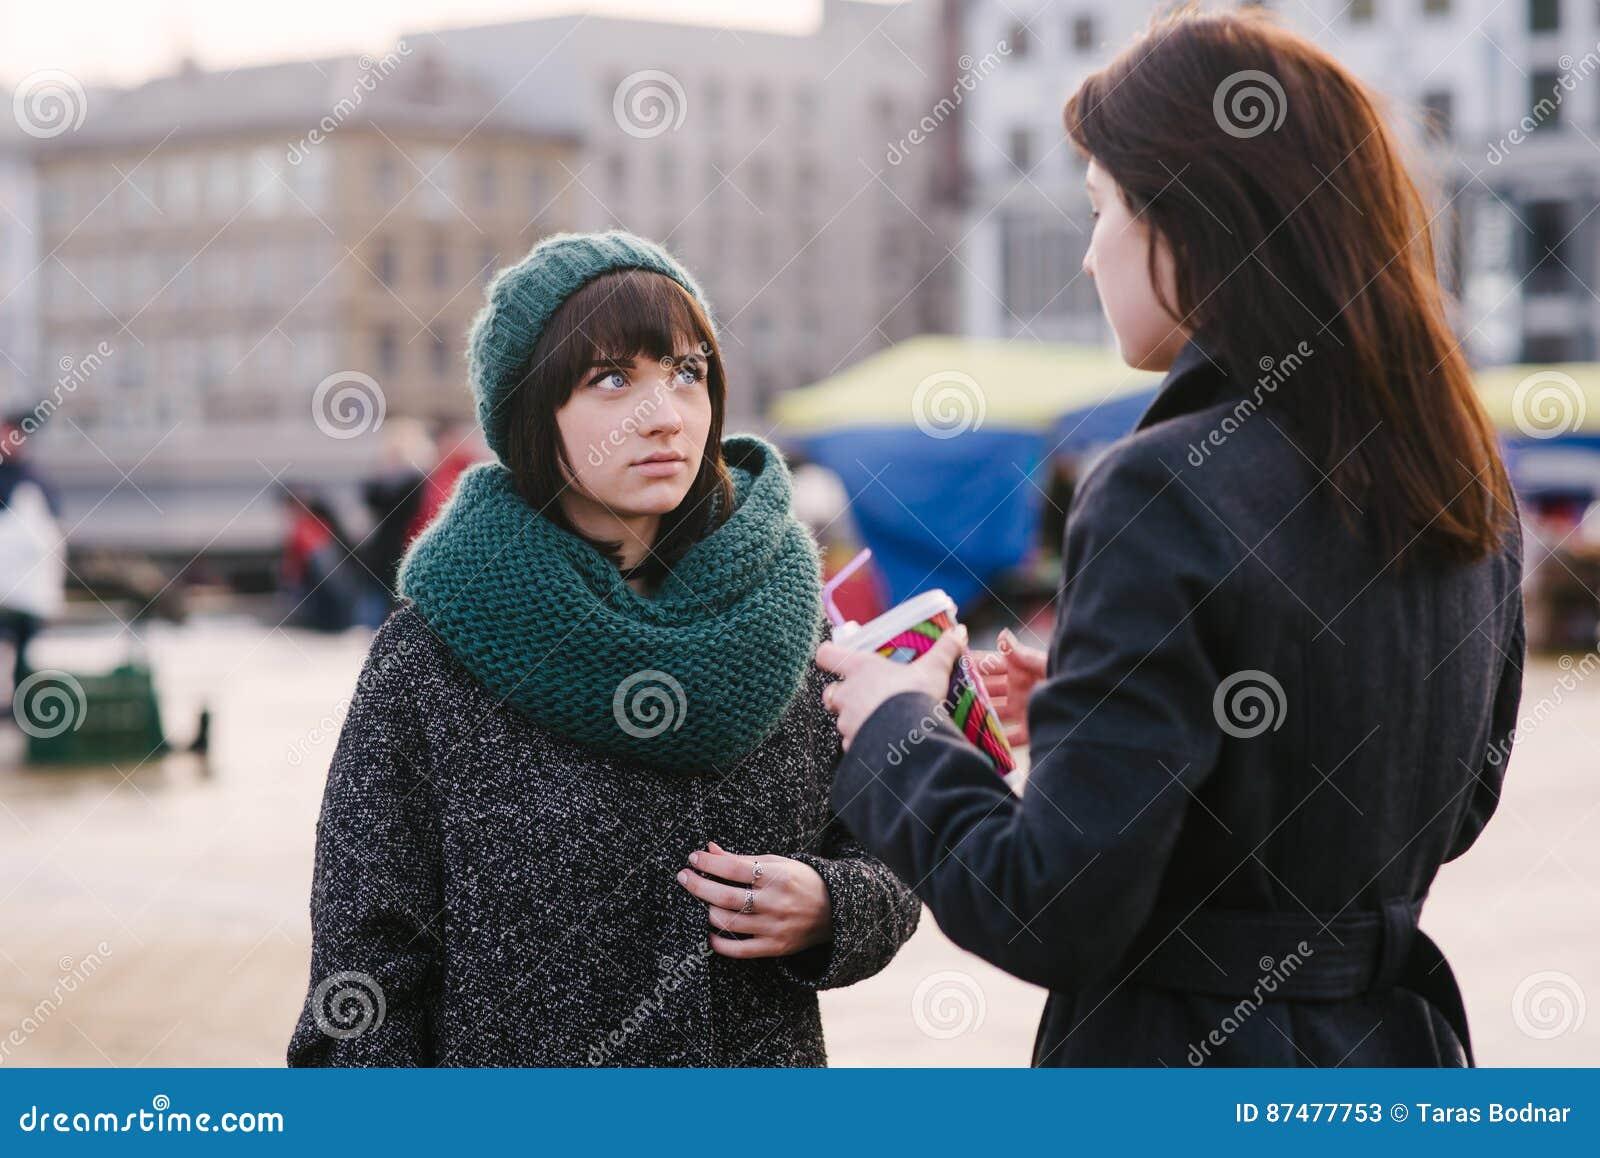 2 молодое и красивые девушки одетые очень стильные, говорят середину города